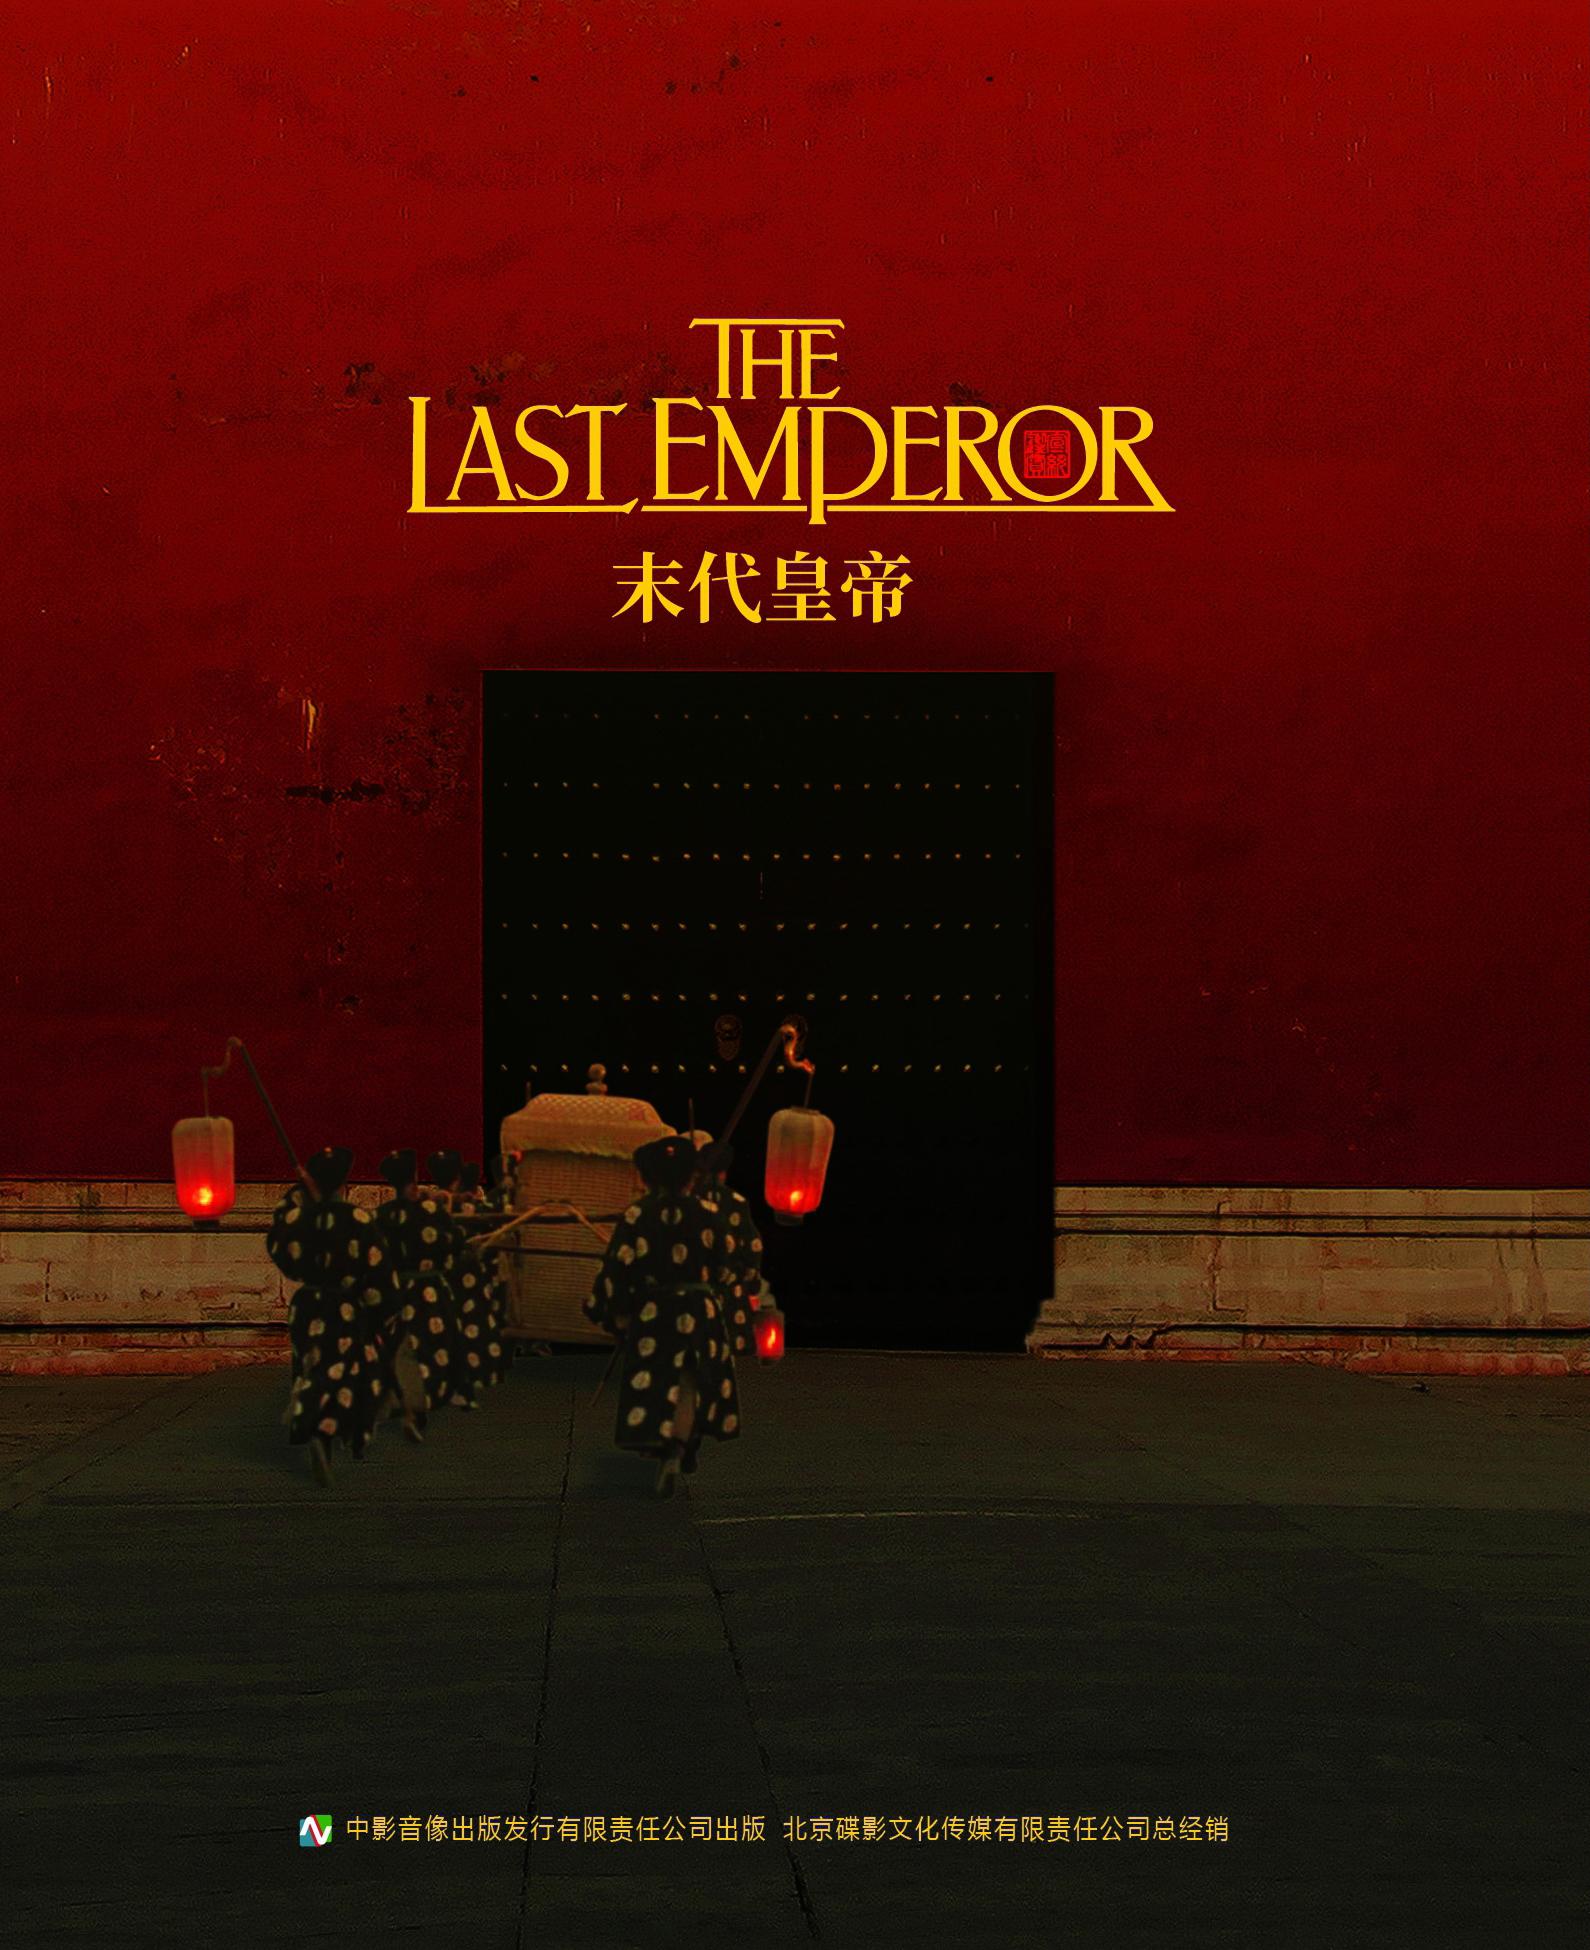 [末代皇帝]The.Last.Emperor.1987.Extended.BluRay 加長版國配中文sup特效字幕精調版 - 字幕 - 音軌 - 國語視界